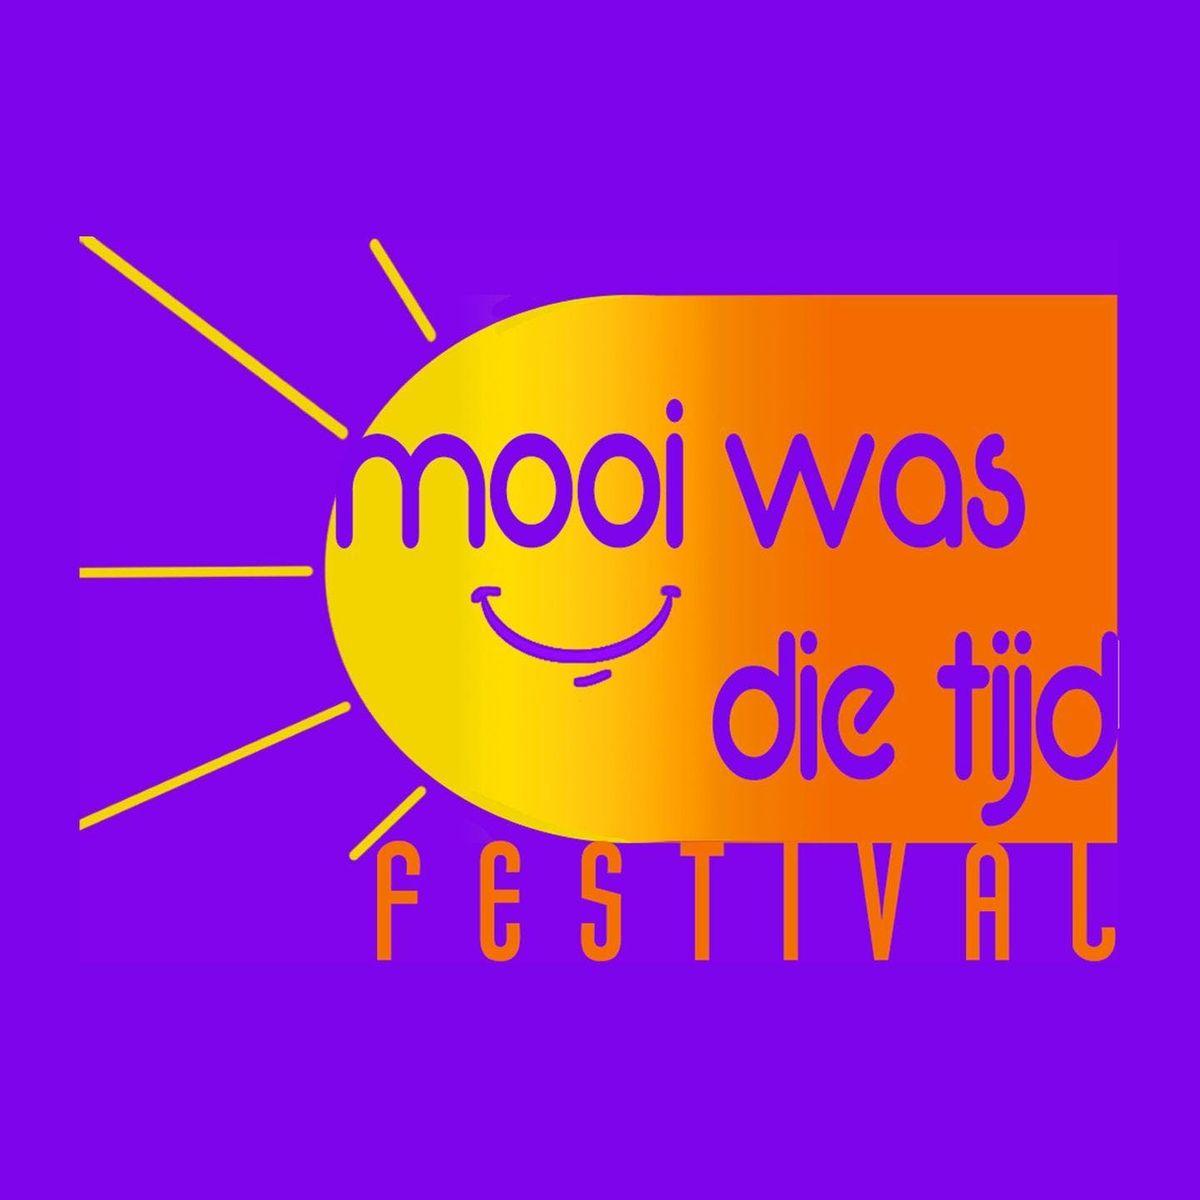 Mooi was die tijd Festival